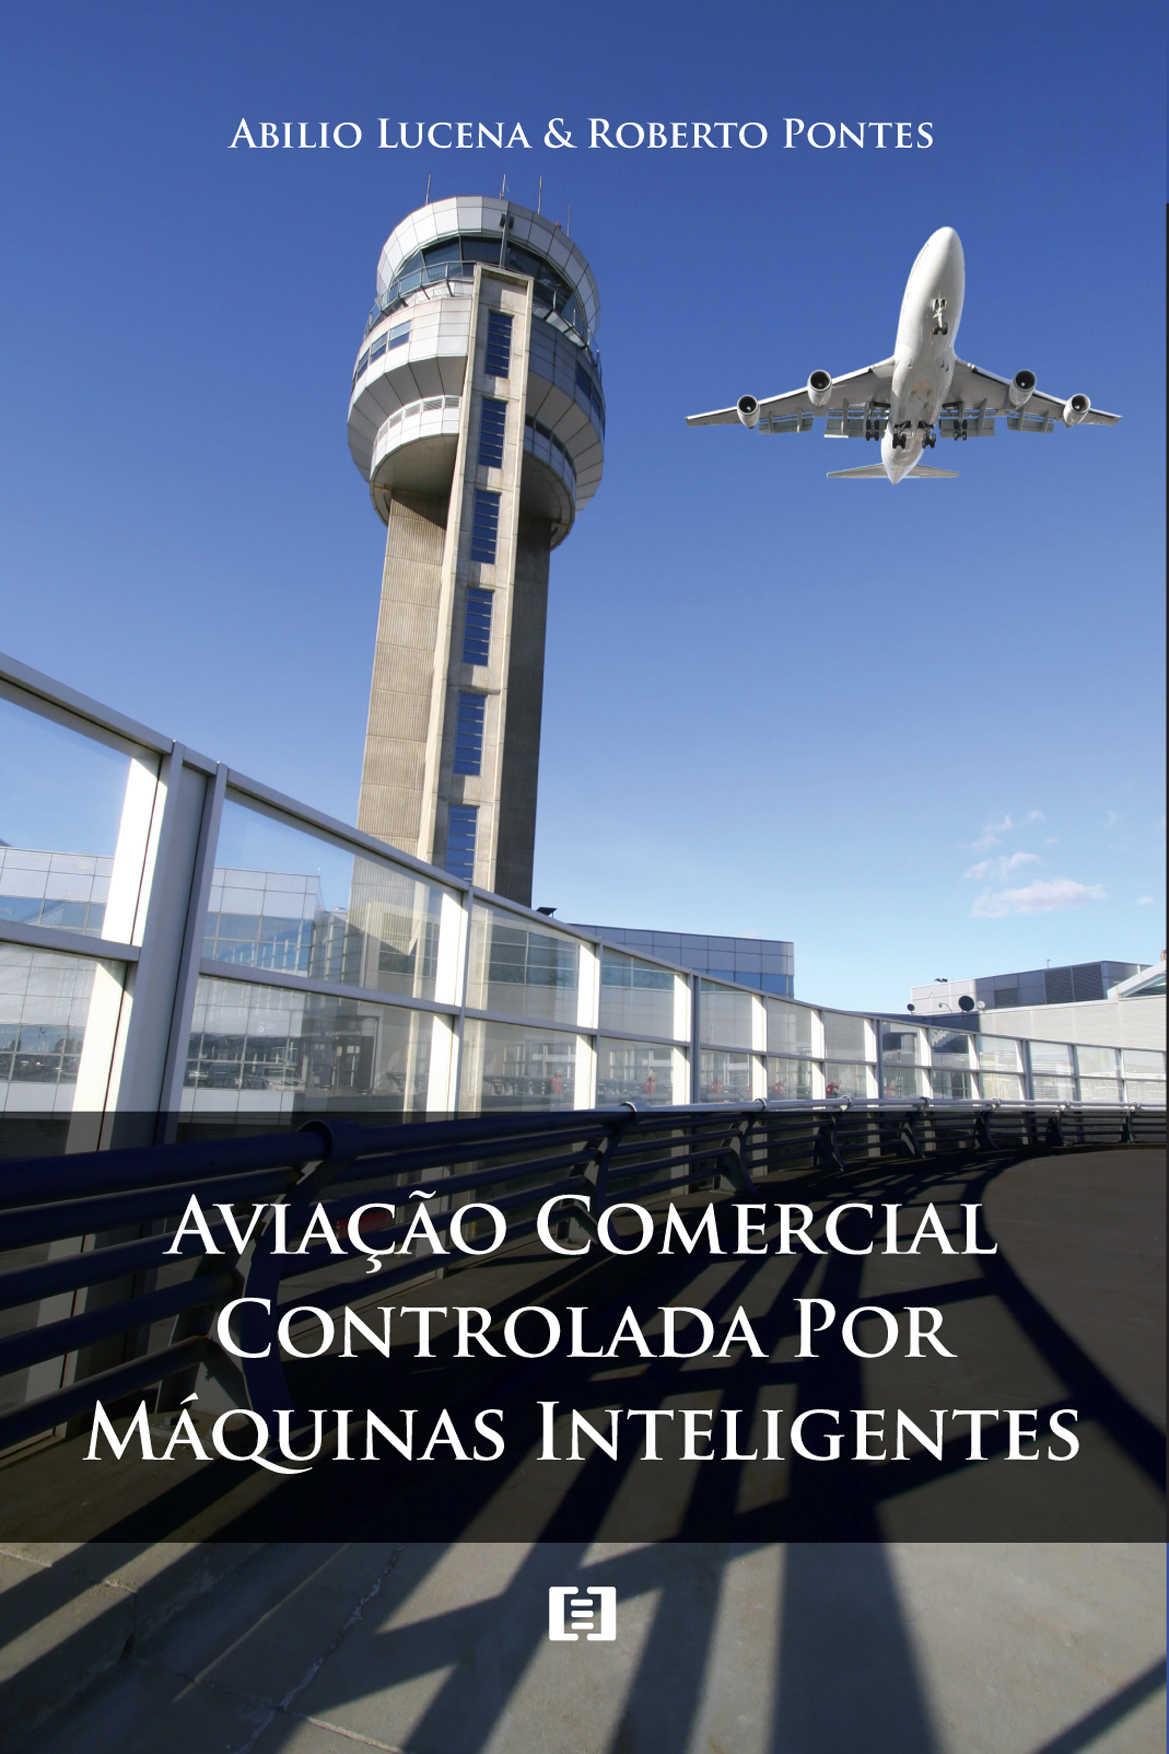 Aviação comercial controlada por máquinas inteligentes